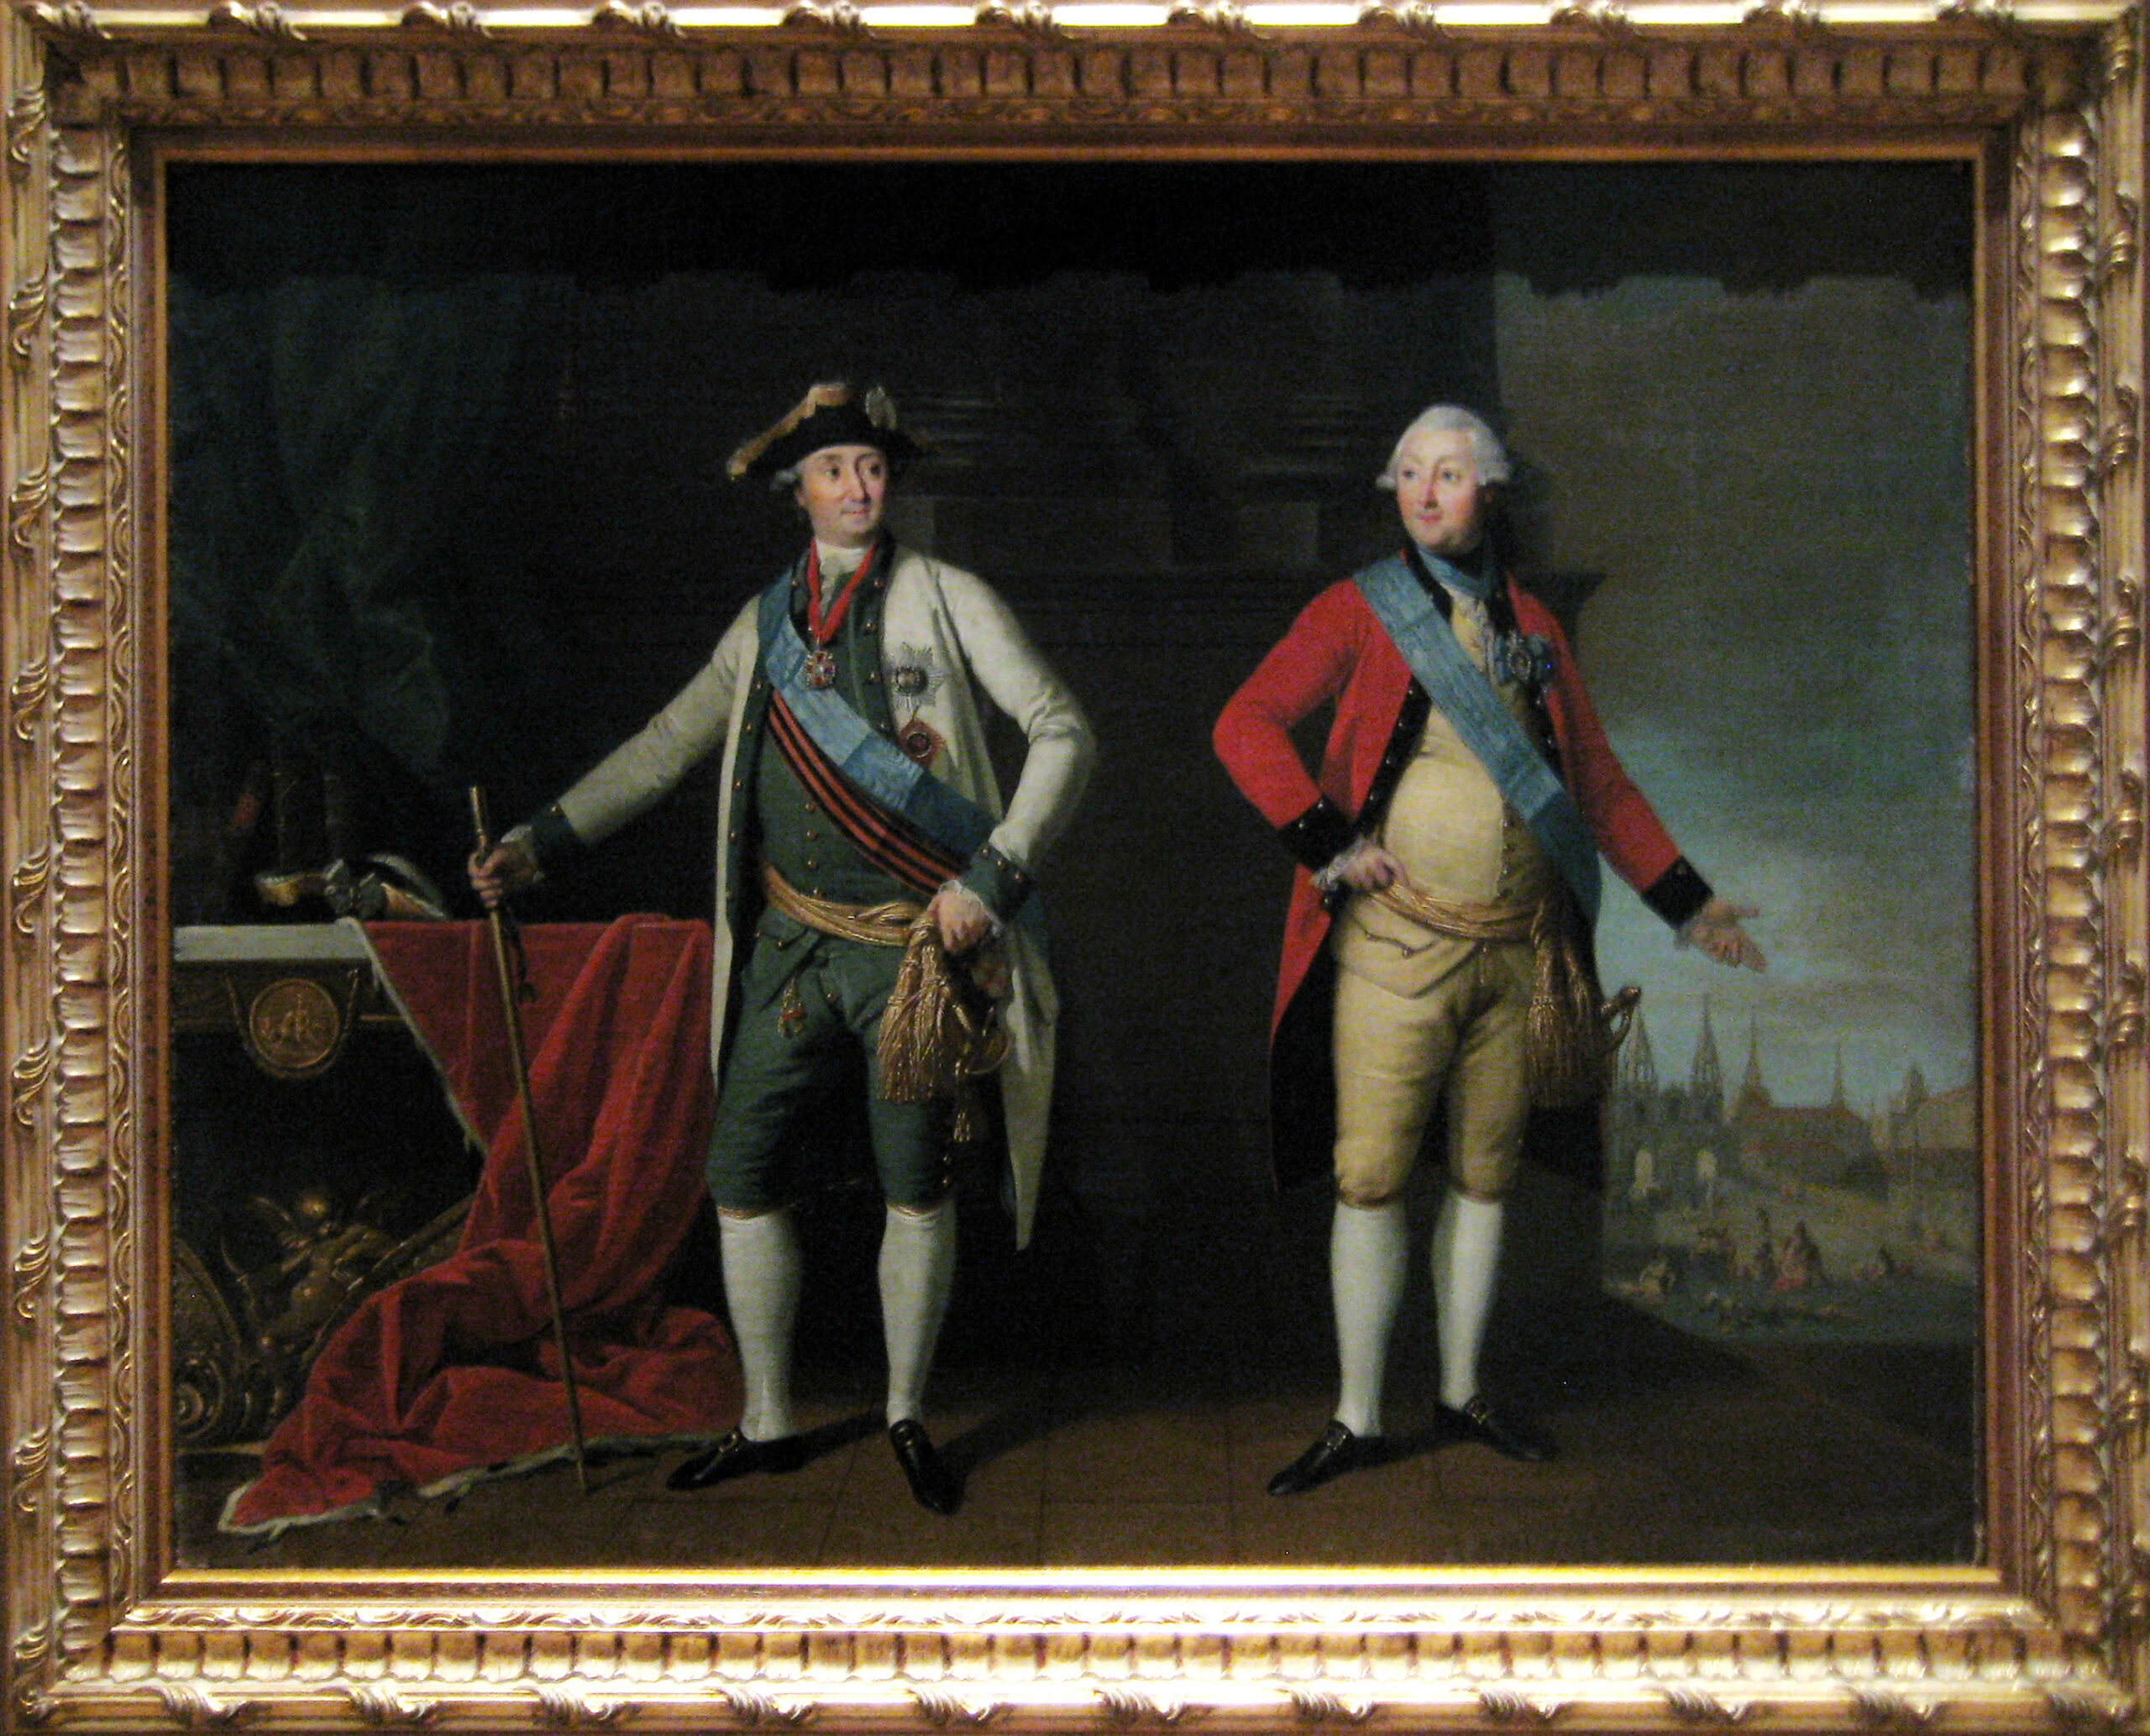 Портрет графа А.Г. Орлова-Чесменского и князя Г.Г. Орлова К.Л. Христинек Россия, 1770-е гг. Холст, масло Источник: